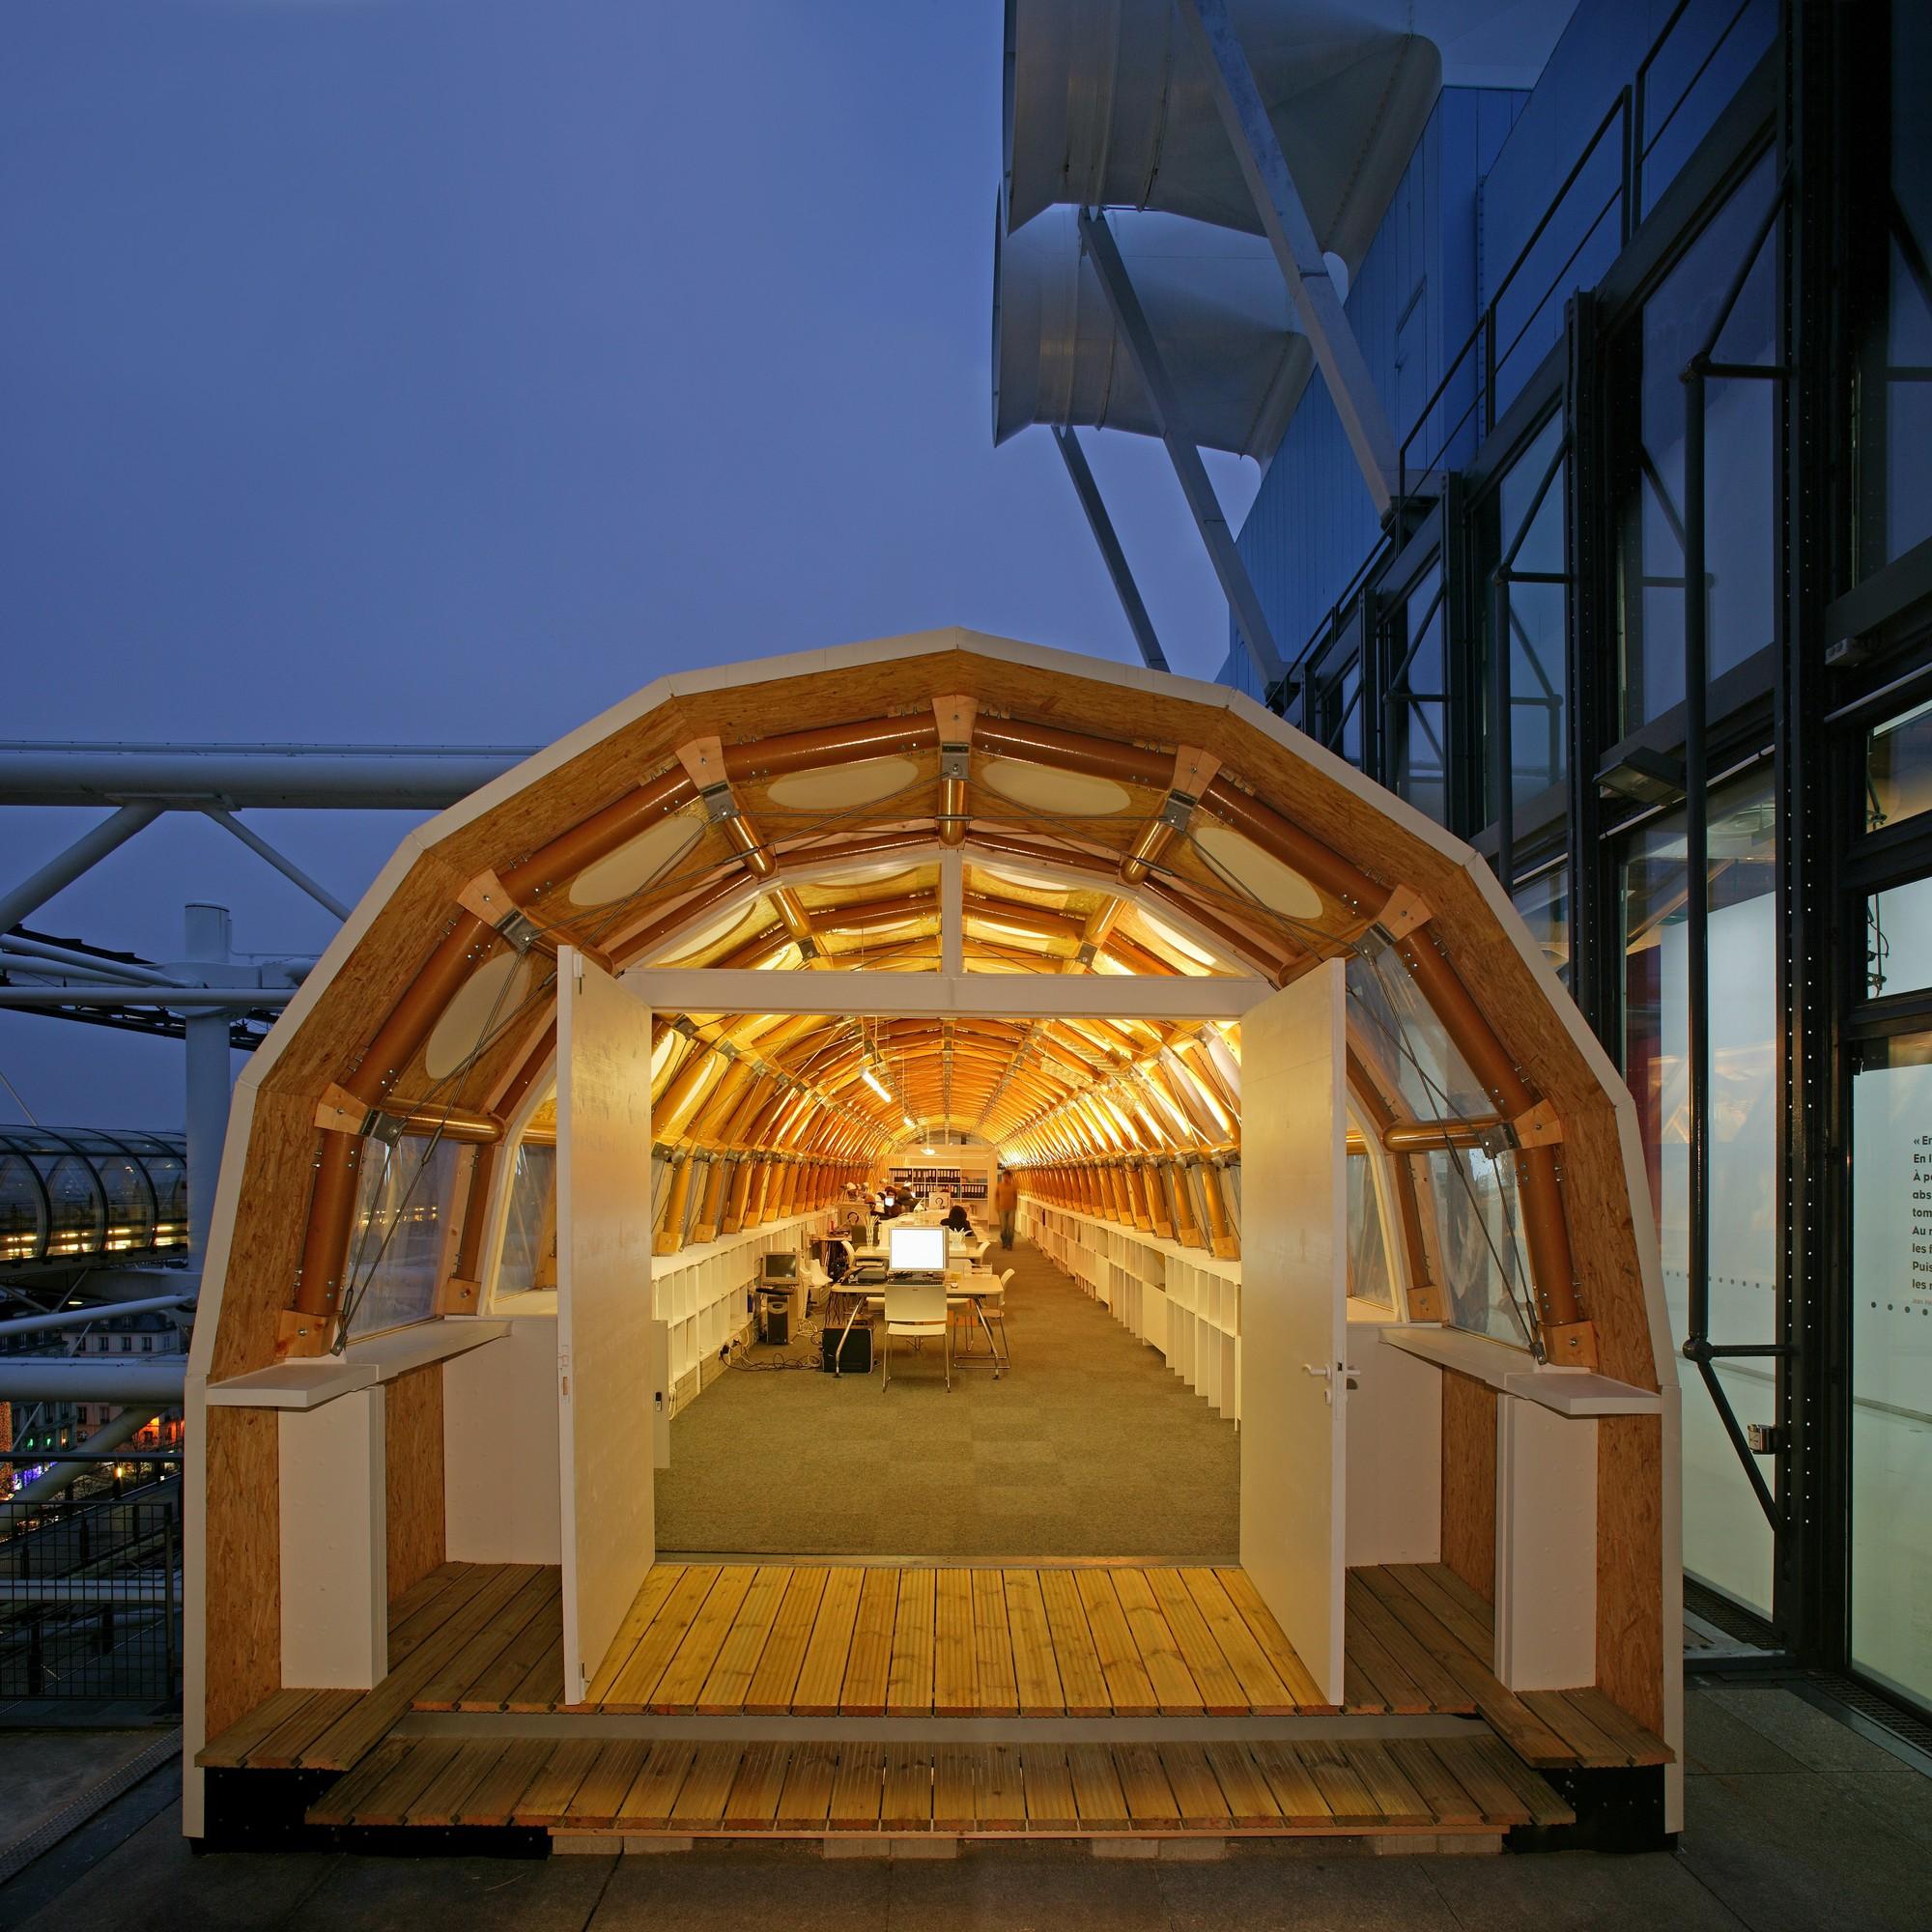 La Obra Arquitectónica del Premio Pritzker 2014, Shigeru Ban